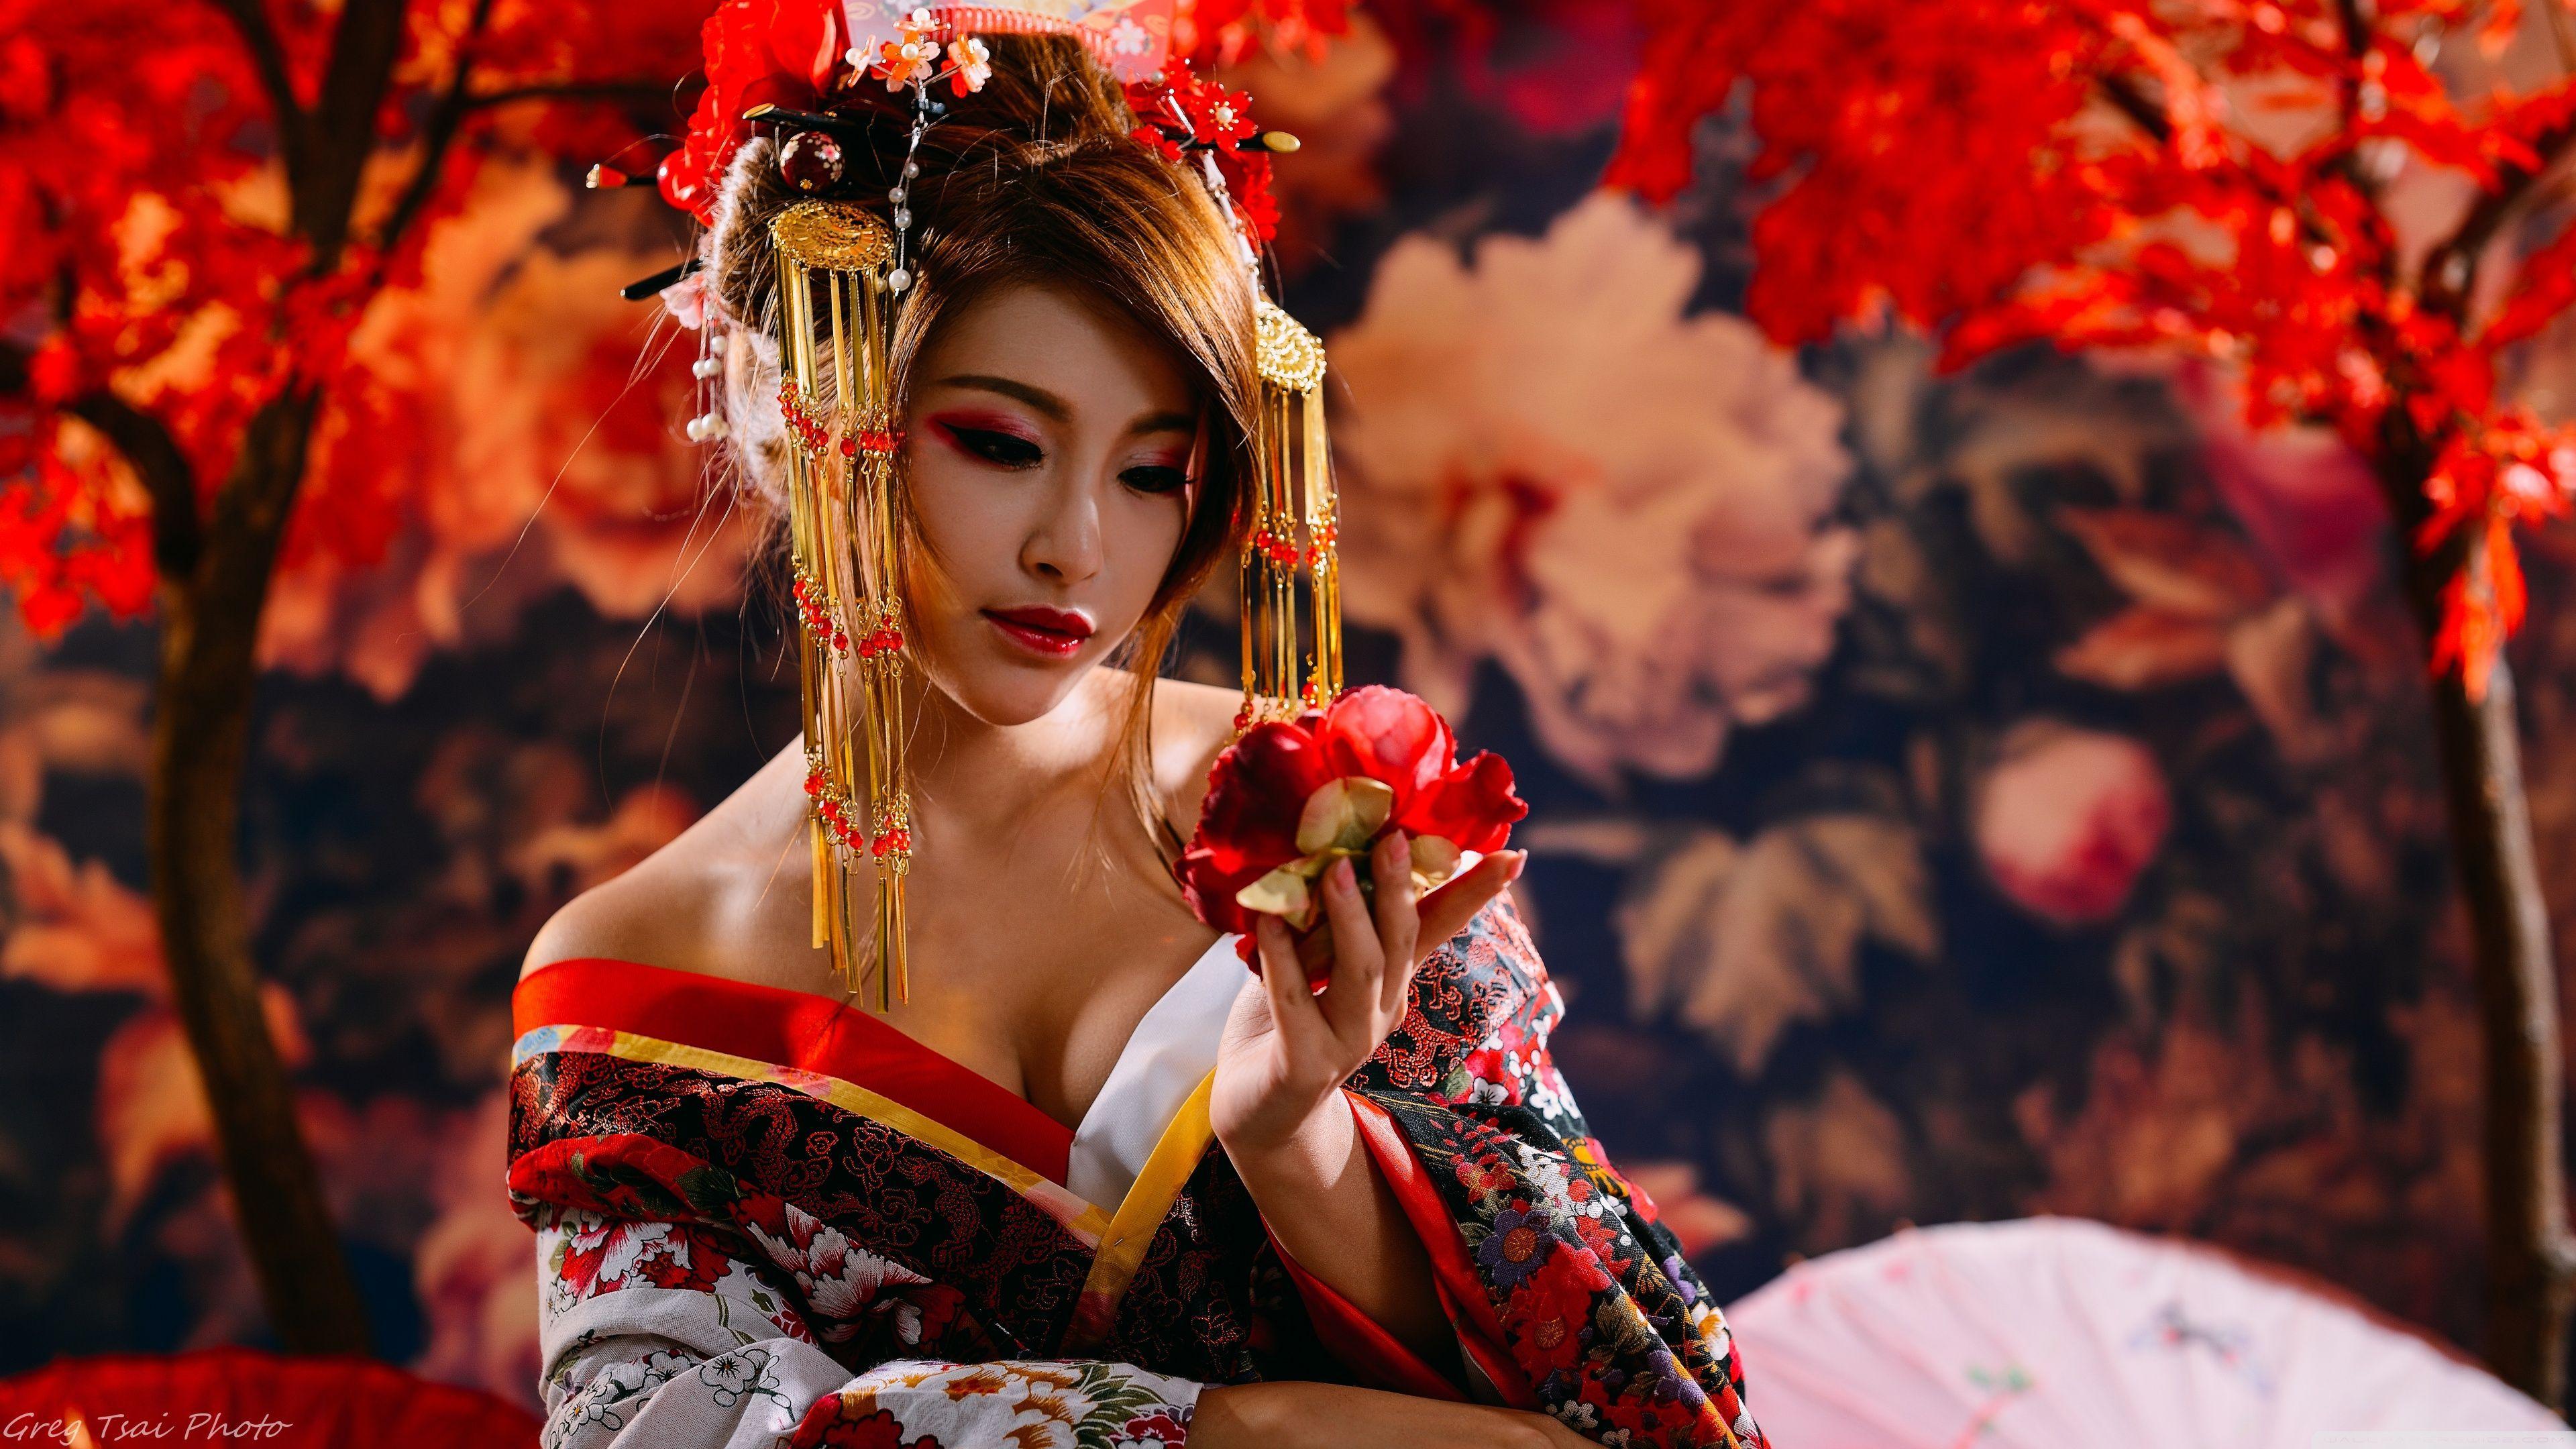 4k Japan Girls Wallpapers - Wallpaper Cave